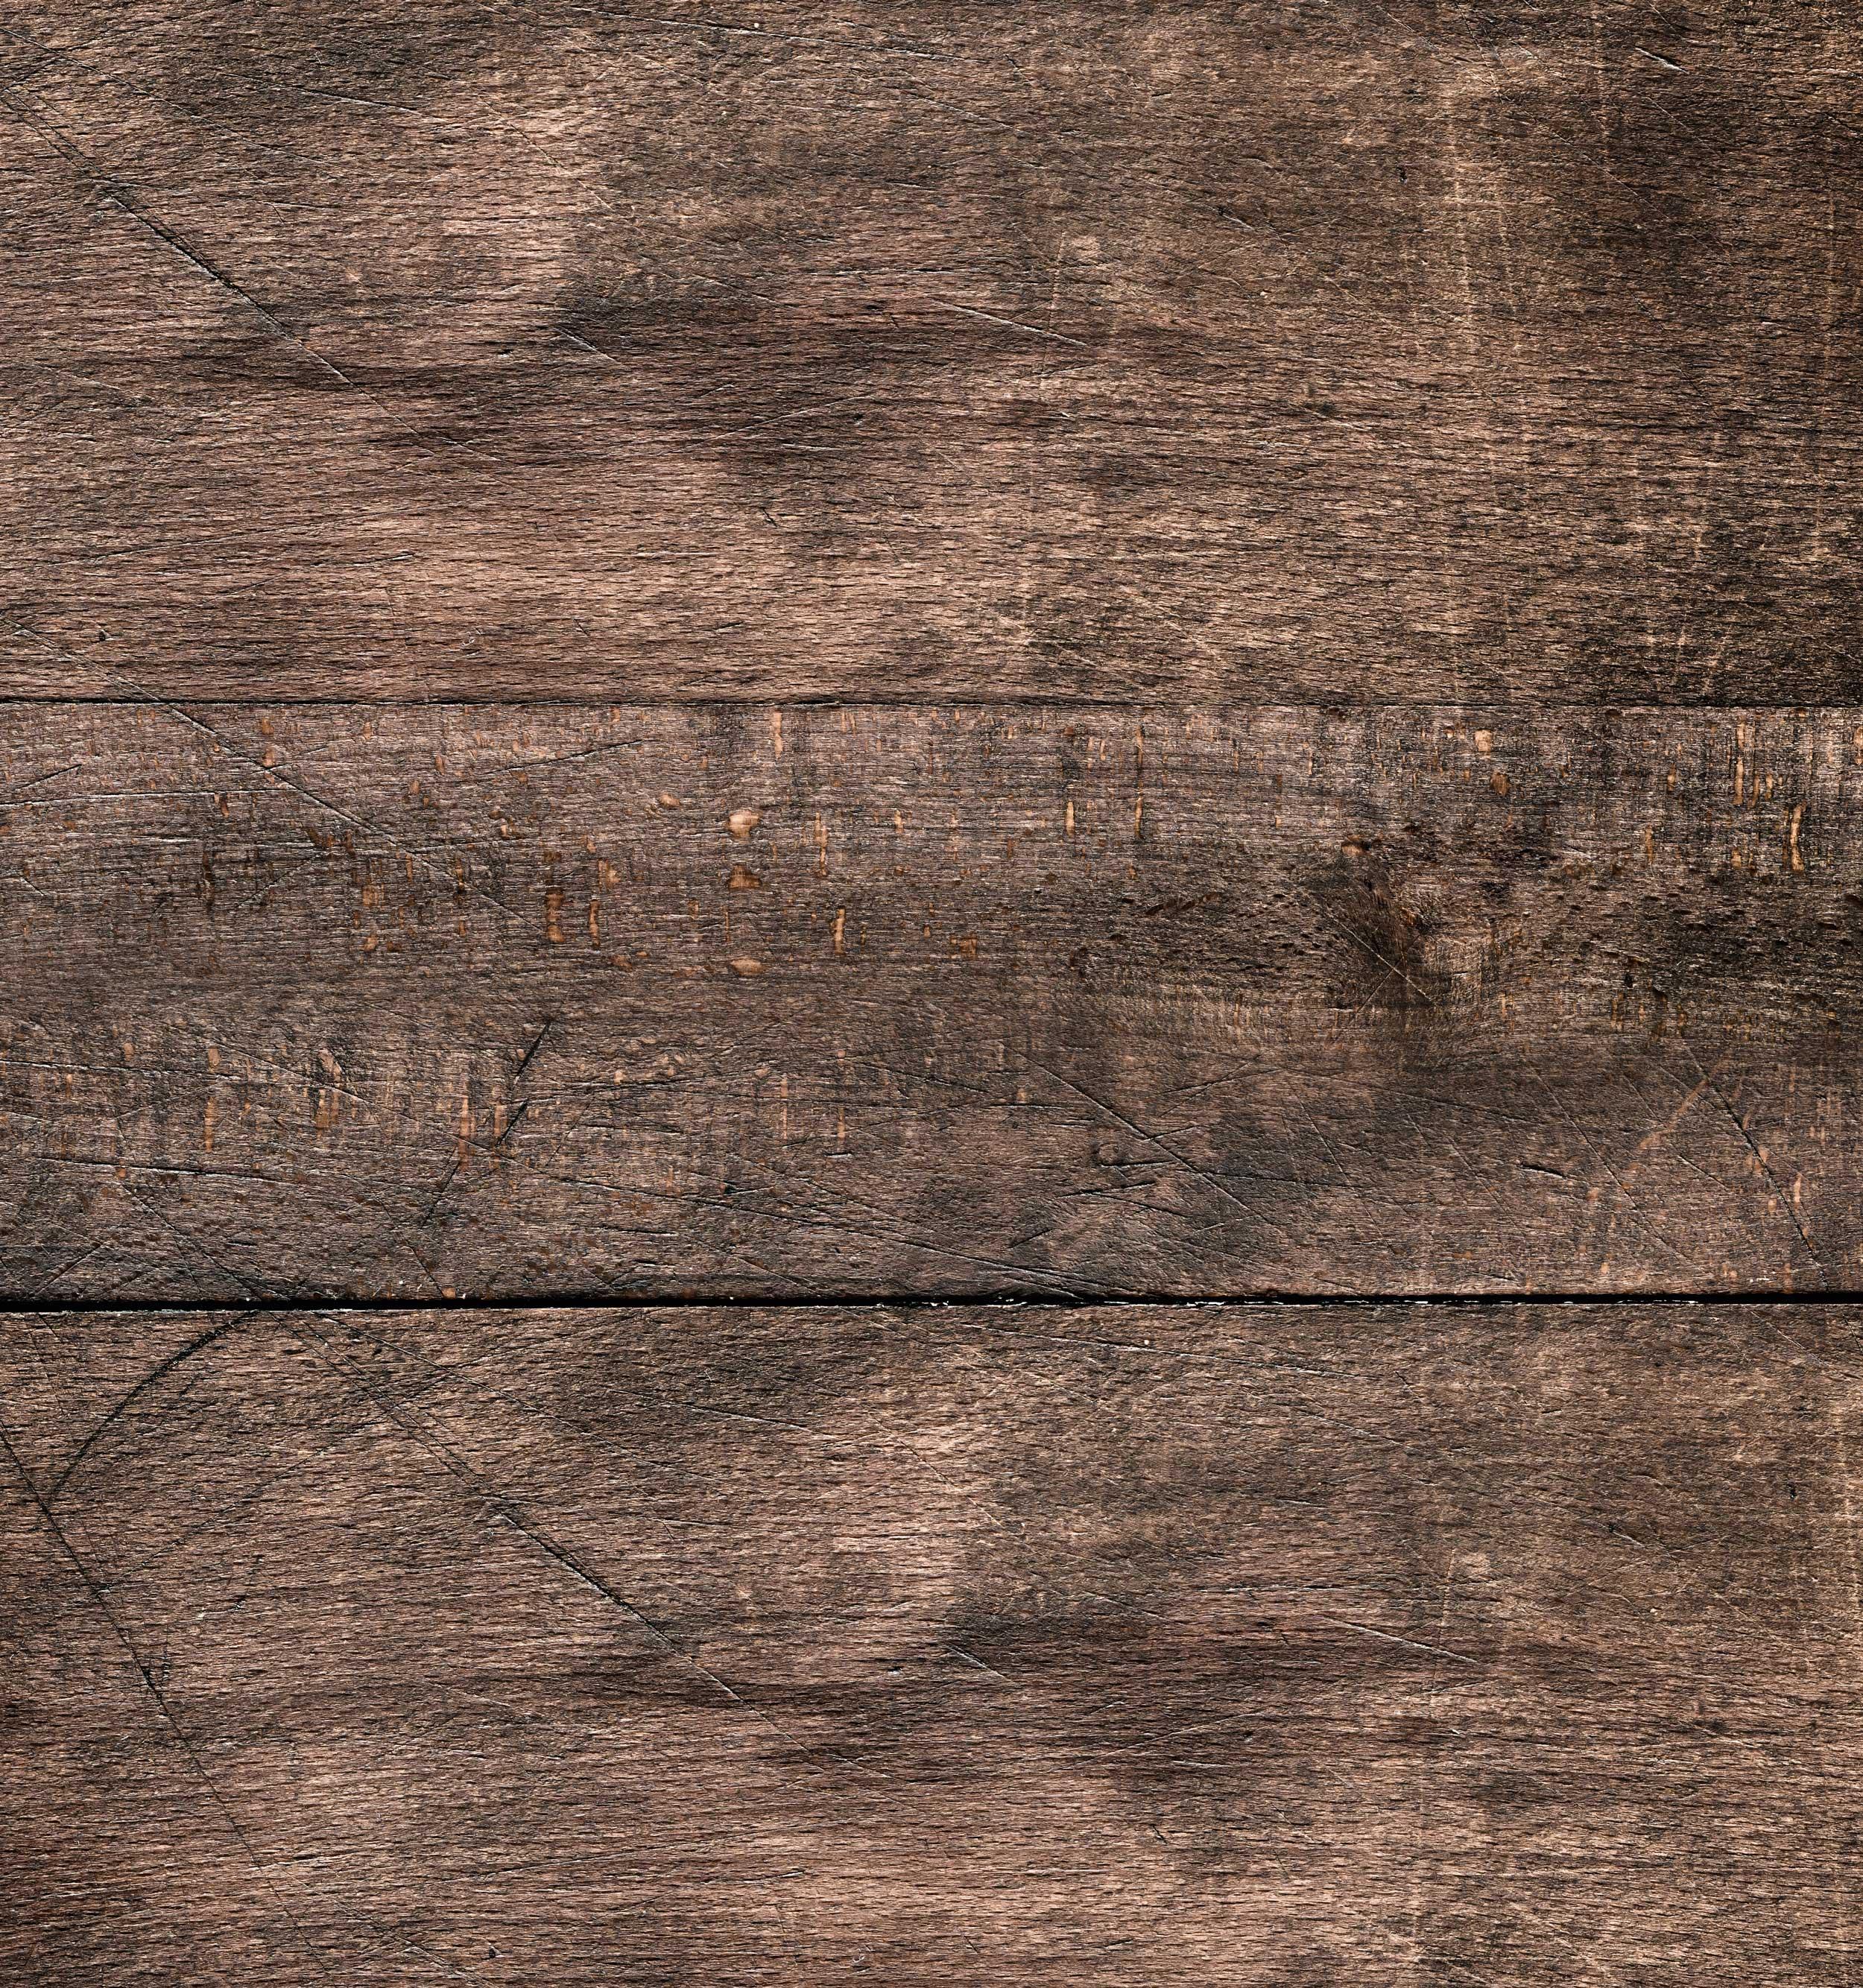 al dente group Dresden - Hintergrund Holz